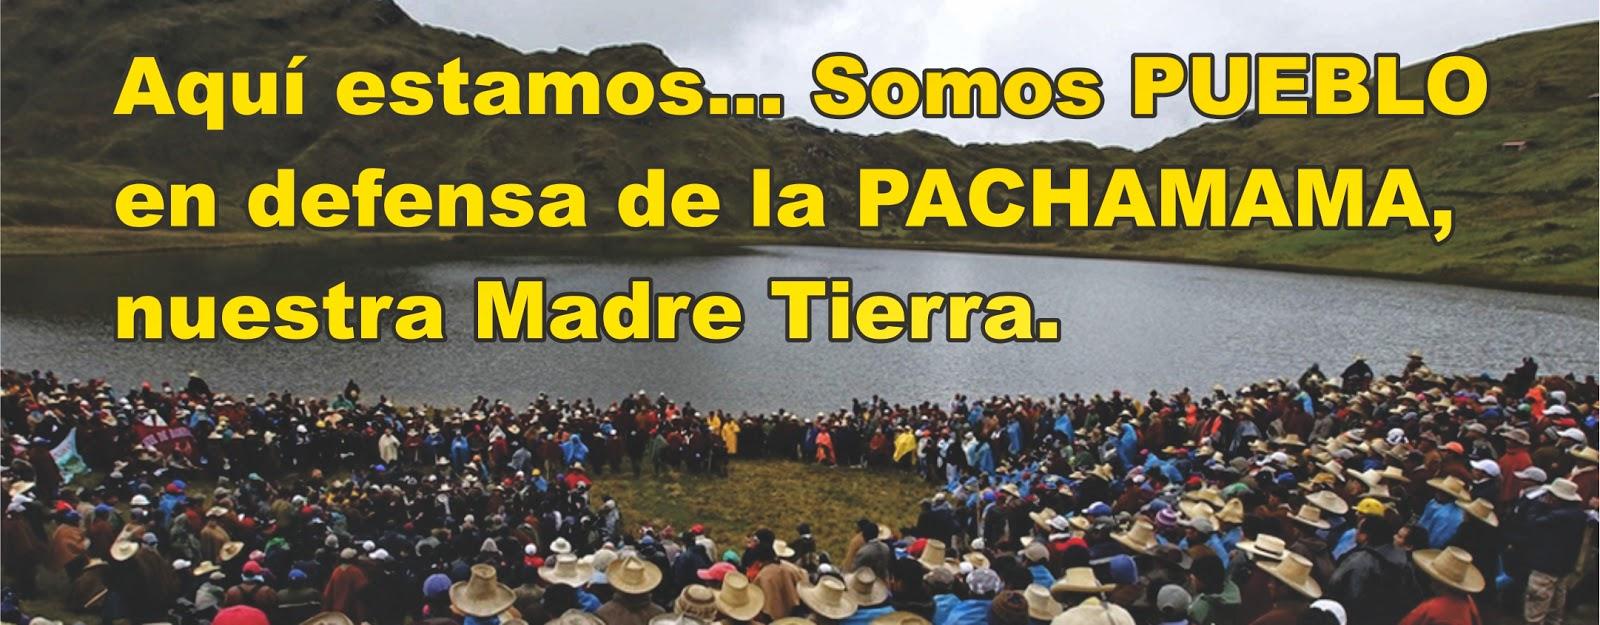 http://pueblounido-peru.blogspot.com/2014/12/el-partido-pueblo-unido-los-pueblos-del.html